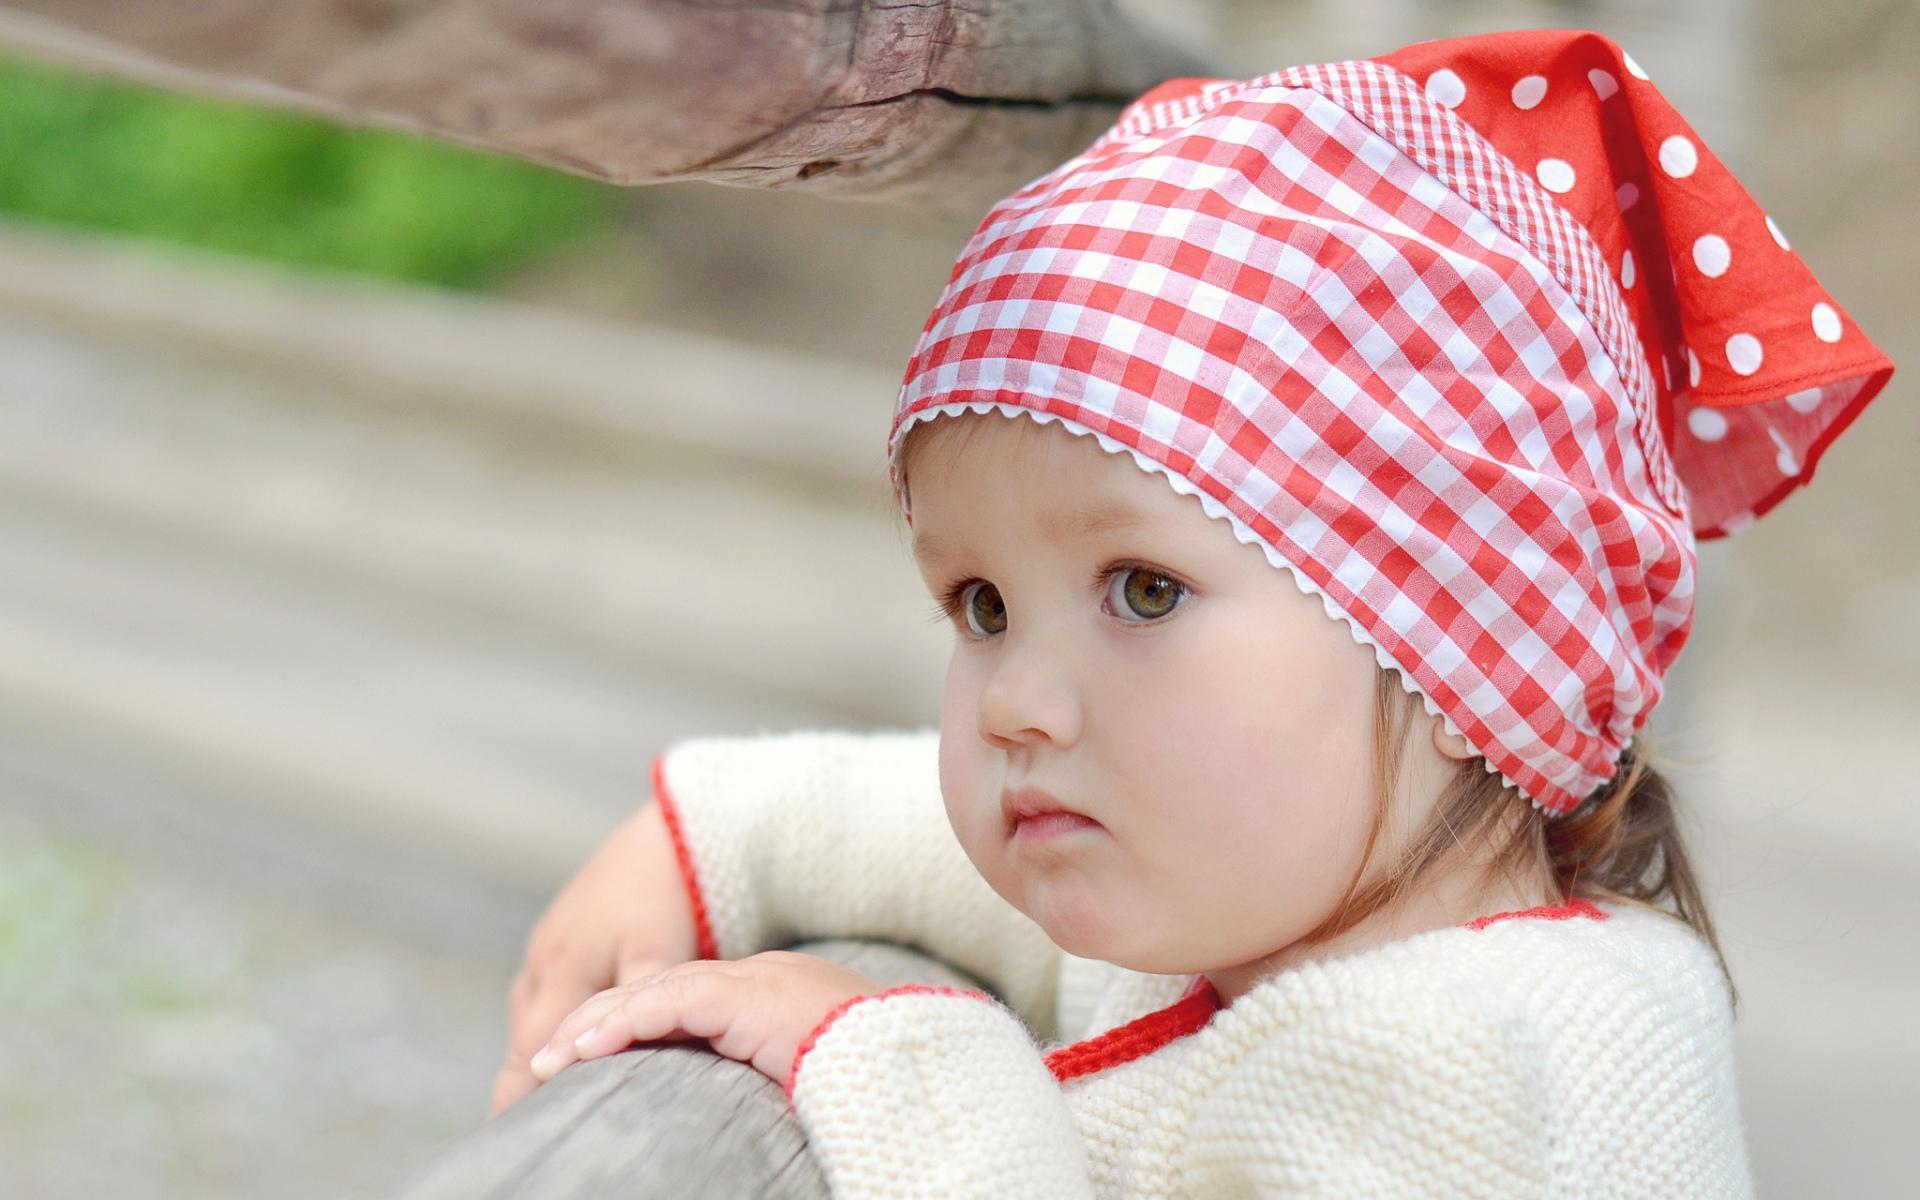 بالصور اطفال زى العسل , اجمل صور لملائكة الرحمن 3911